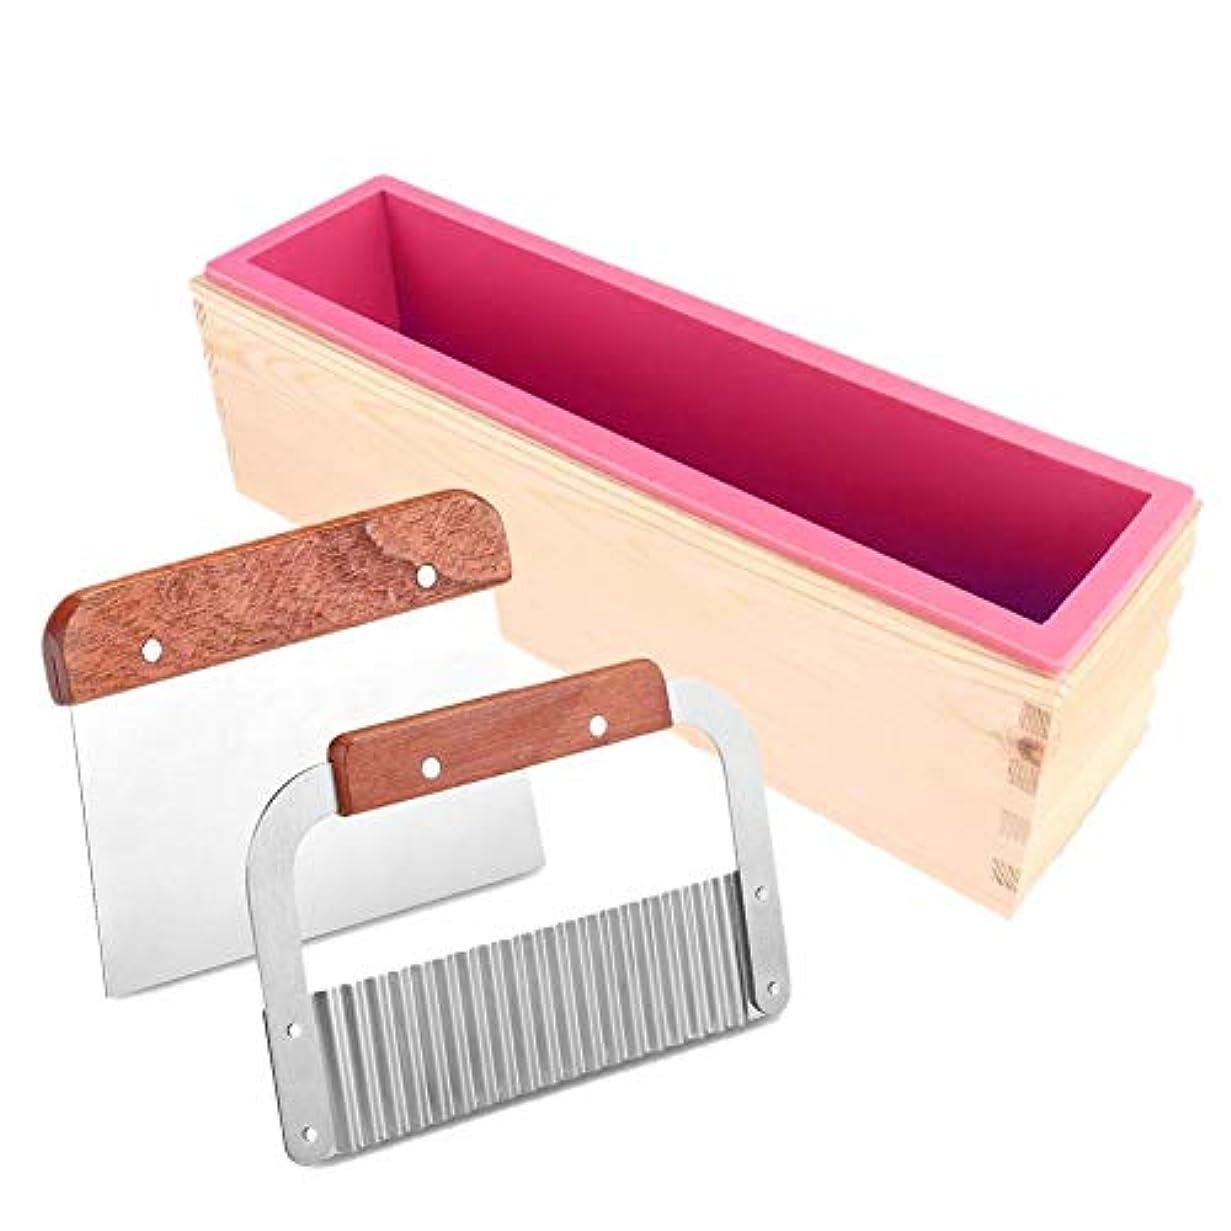 申請者カバー気づくなるRagemのシリコーンの石鹸型 - 自家製の石鹸の作成のための2Pcsカッターの皮むき器が付いている長方形の木箱の石鹸の作成型